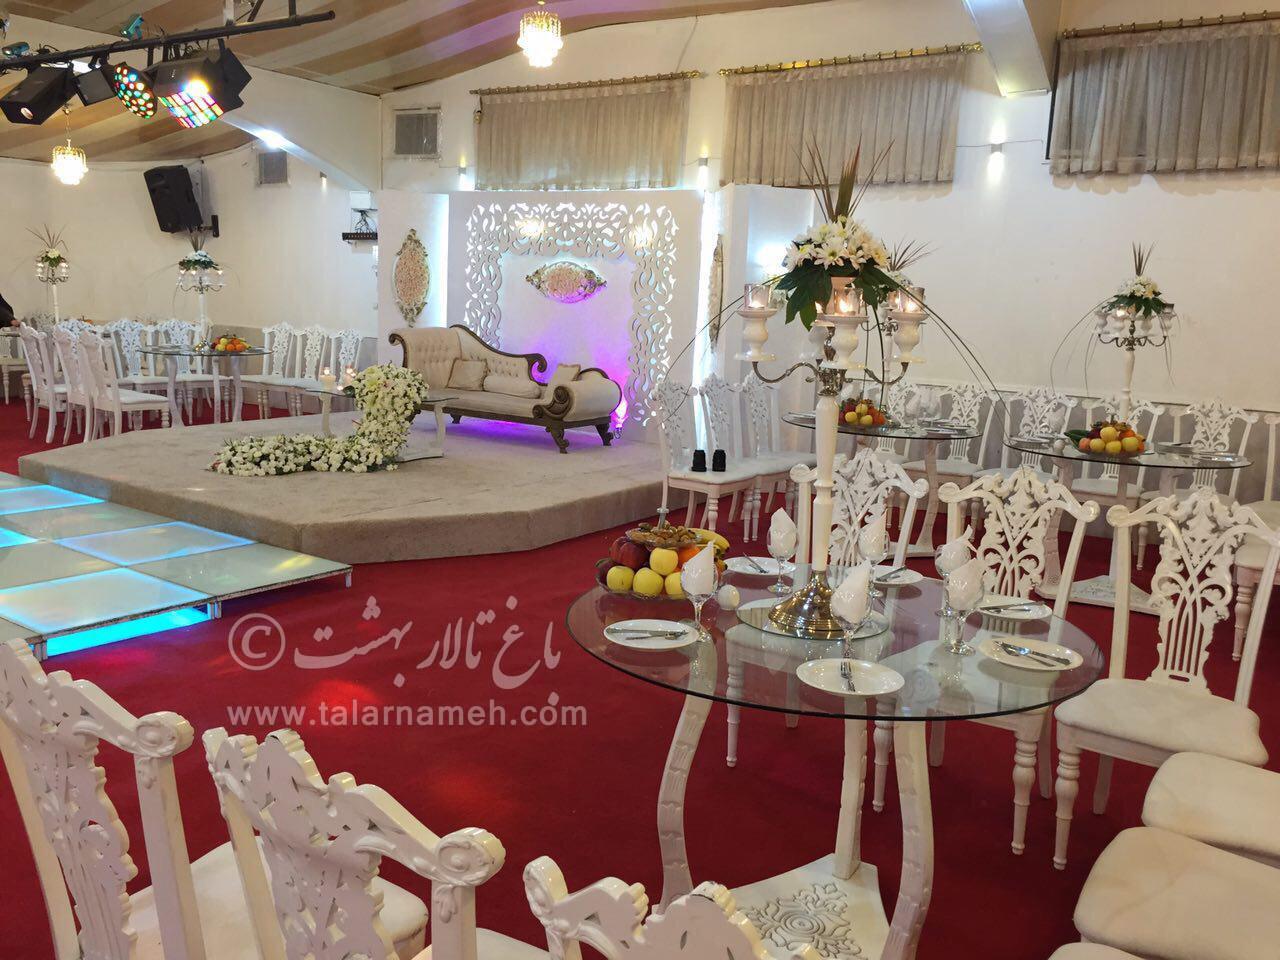 باغ تالار بهشت (بلوار کشاورزی) اصفهان